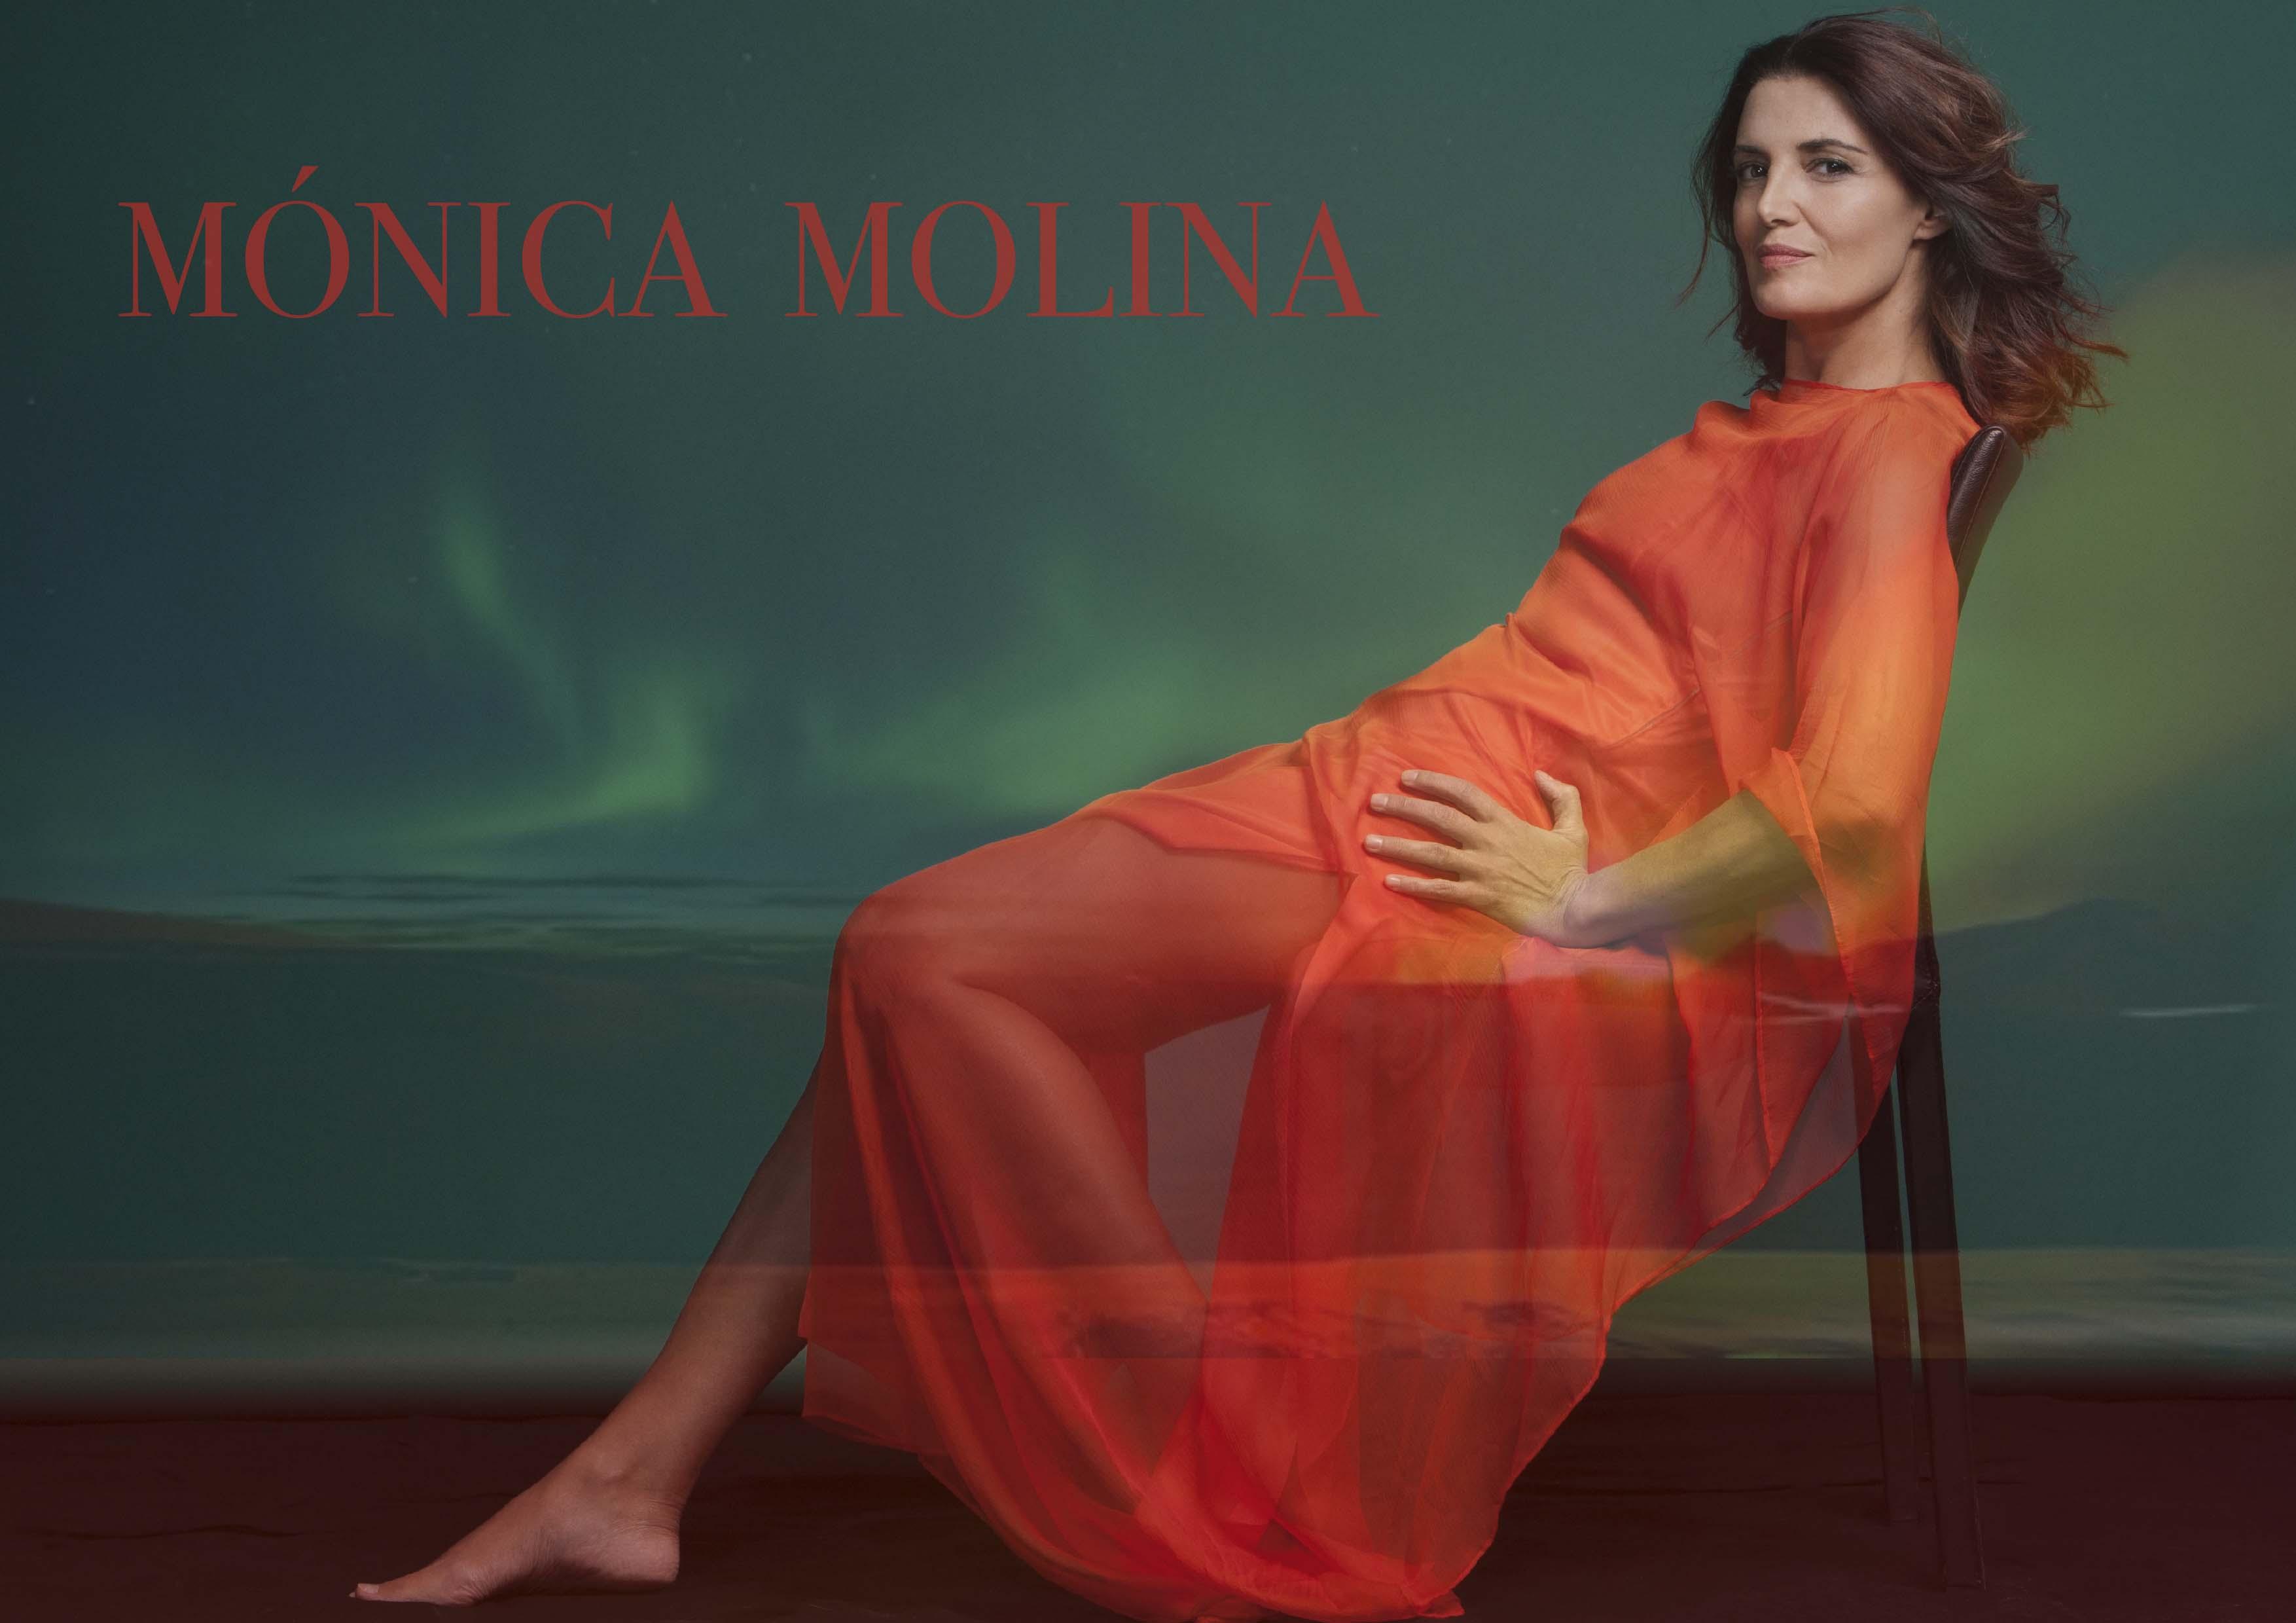 Mónica Molina en Concierto - Tapijazz2018 @ Castillo del Moral (se traslada por lluvia al Palacio Erisana)